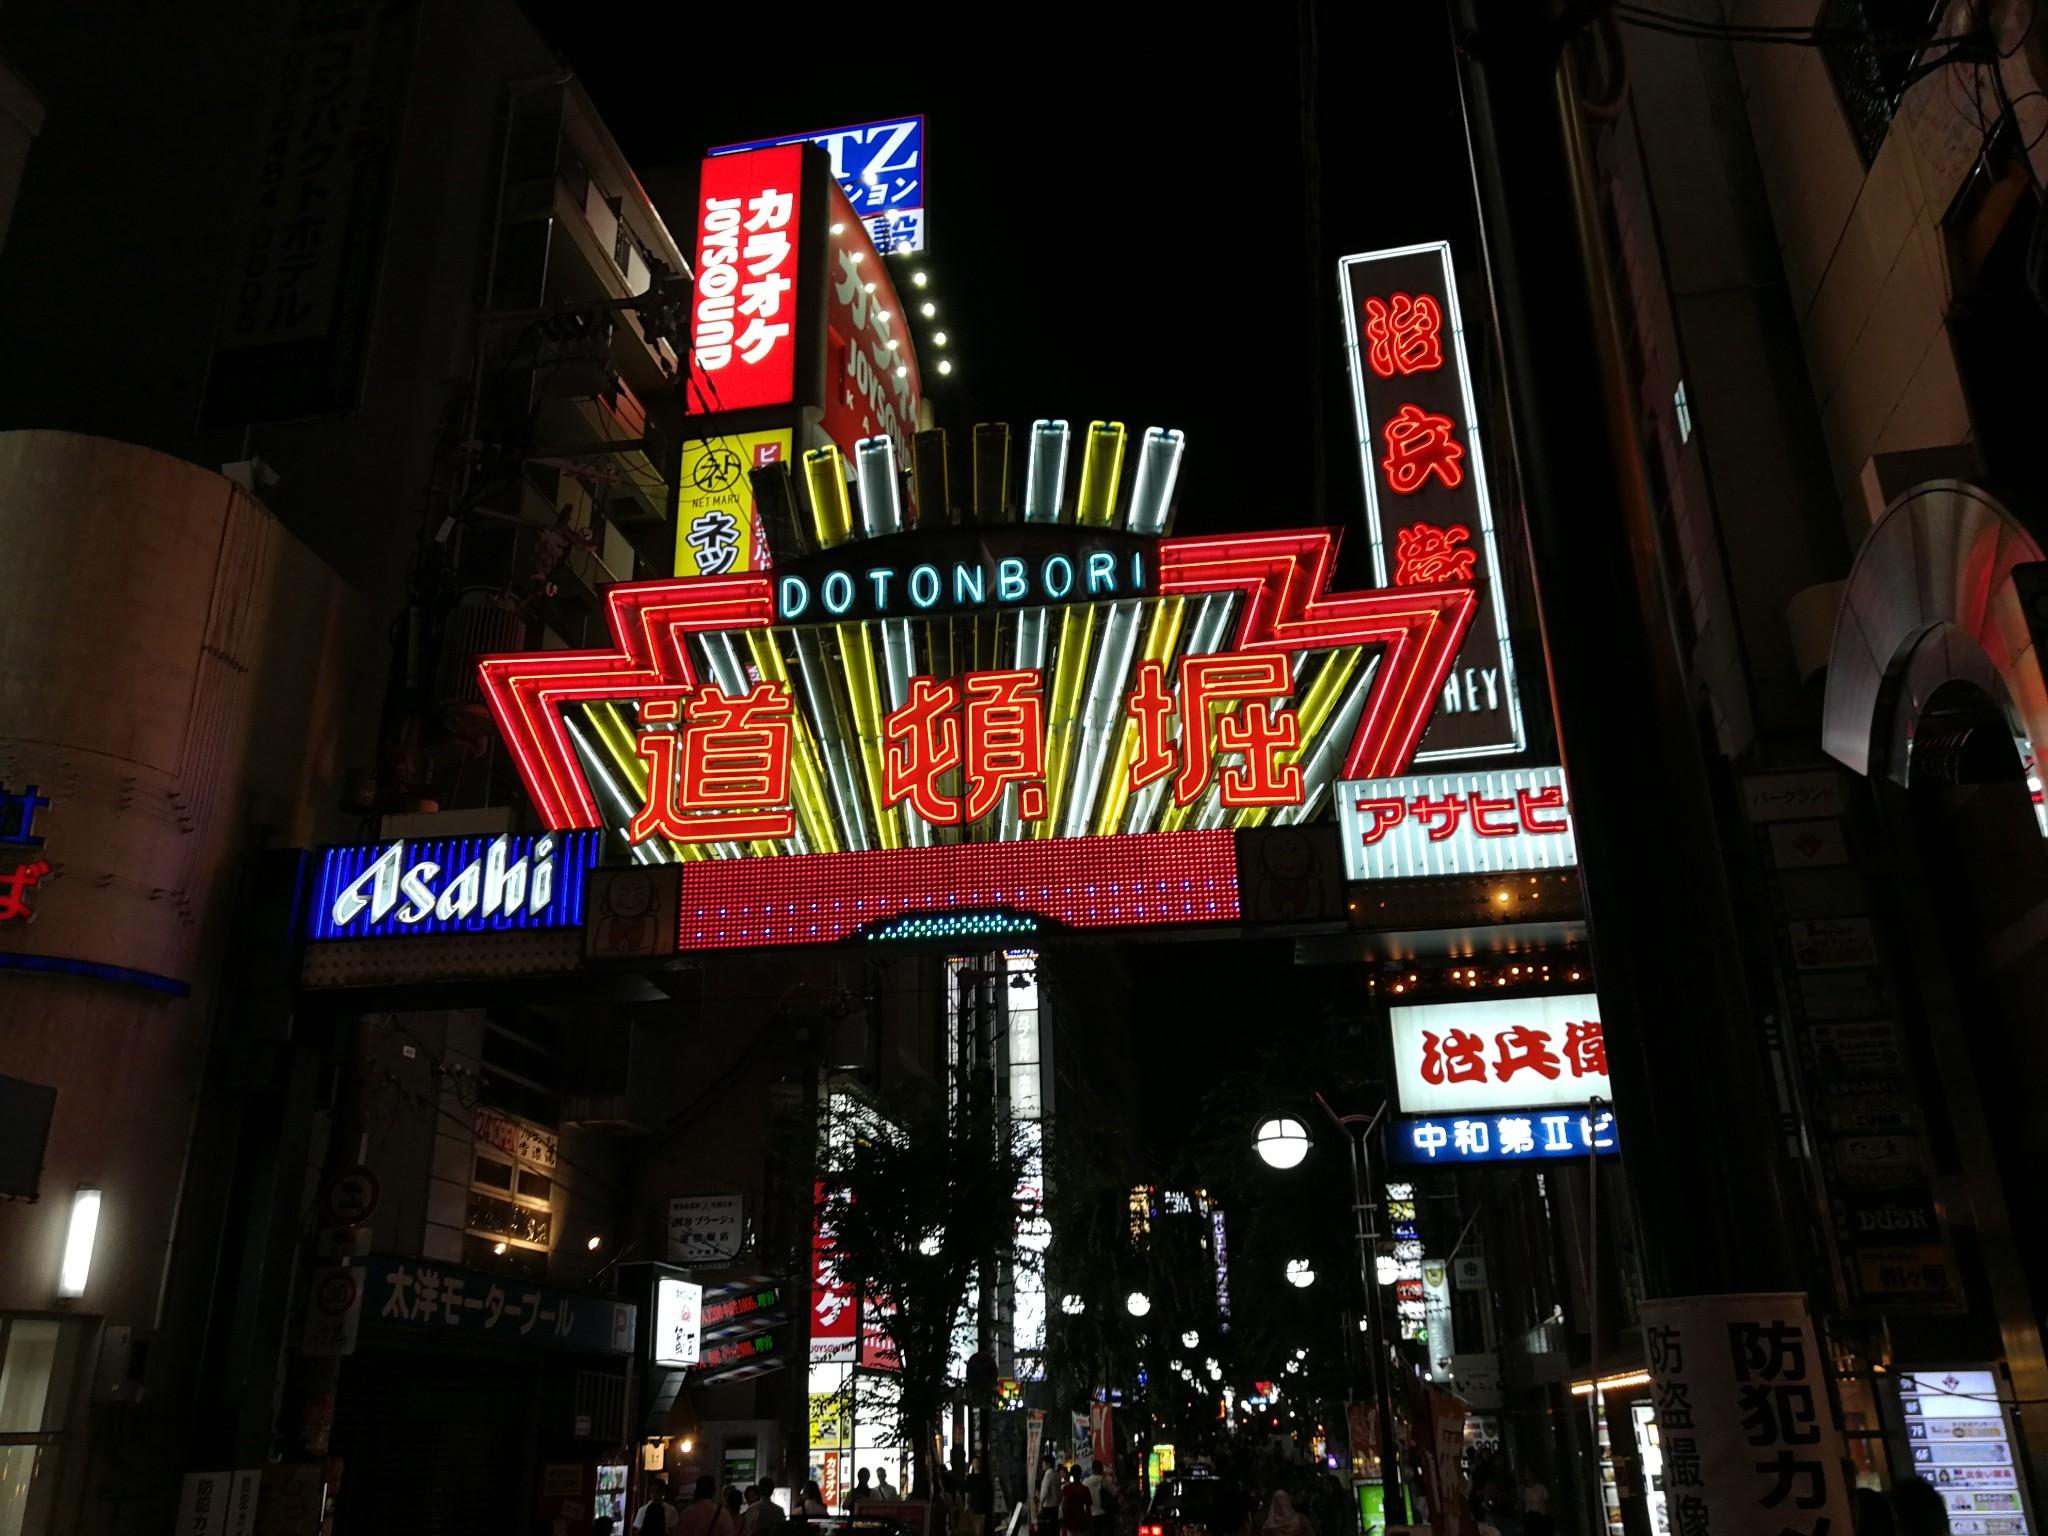 久居 道頓堀 津市でおすすめの美味しいお好み焼きをご紹介!